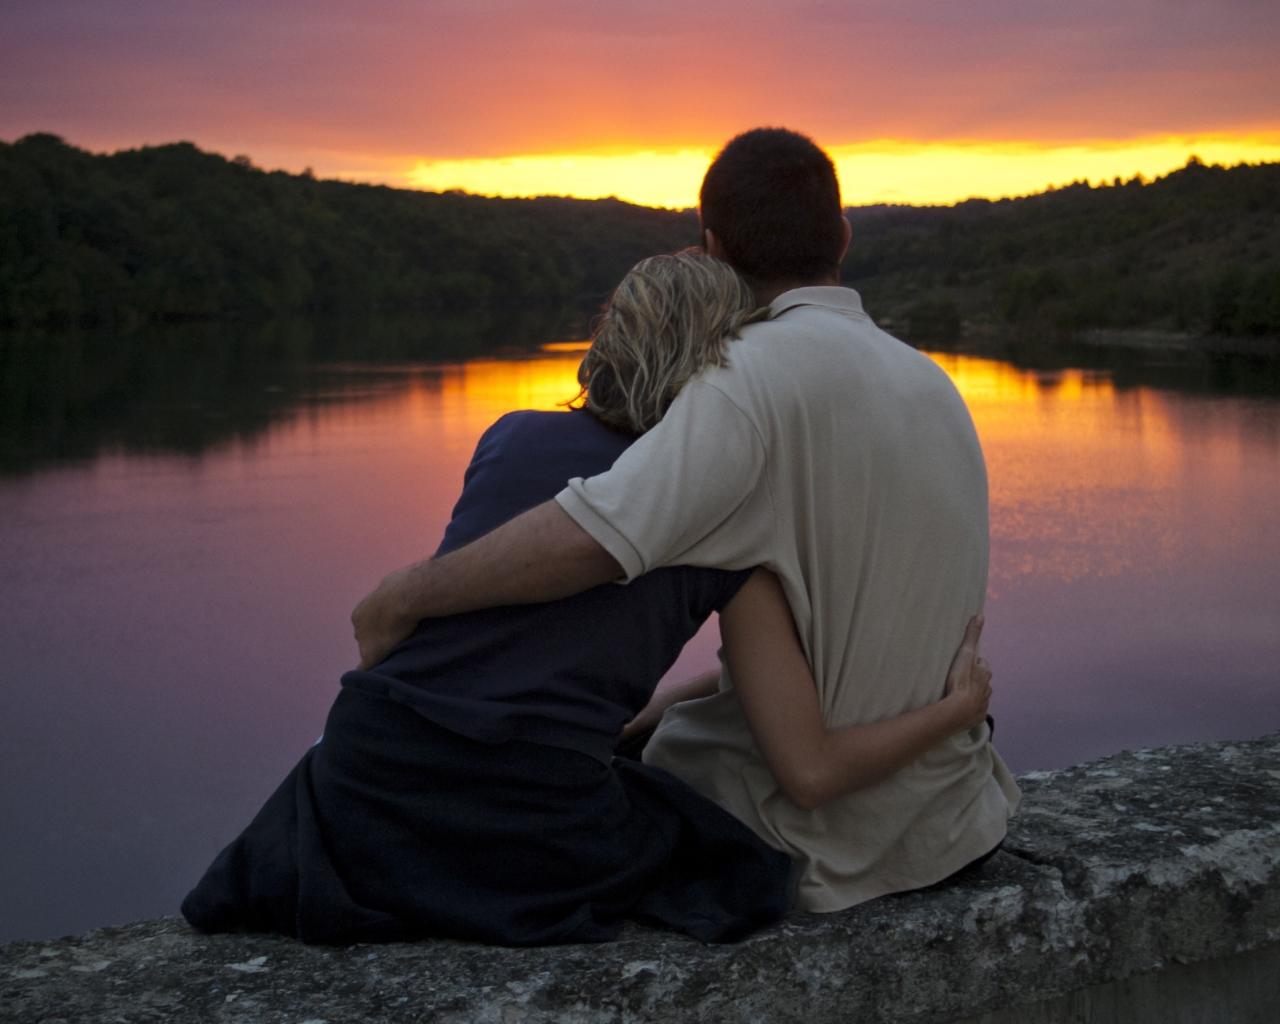 بالصور صور رومنسيه نار , اجعل الرومانسية اساس حياتك مع حبيبك 159 7